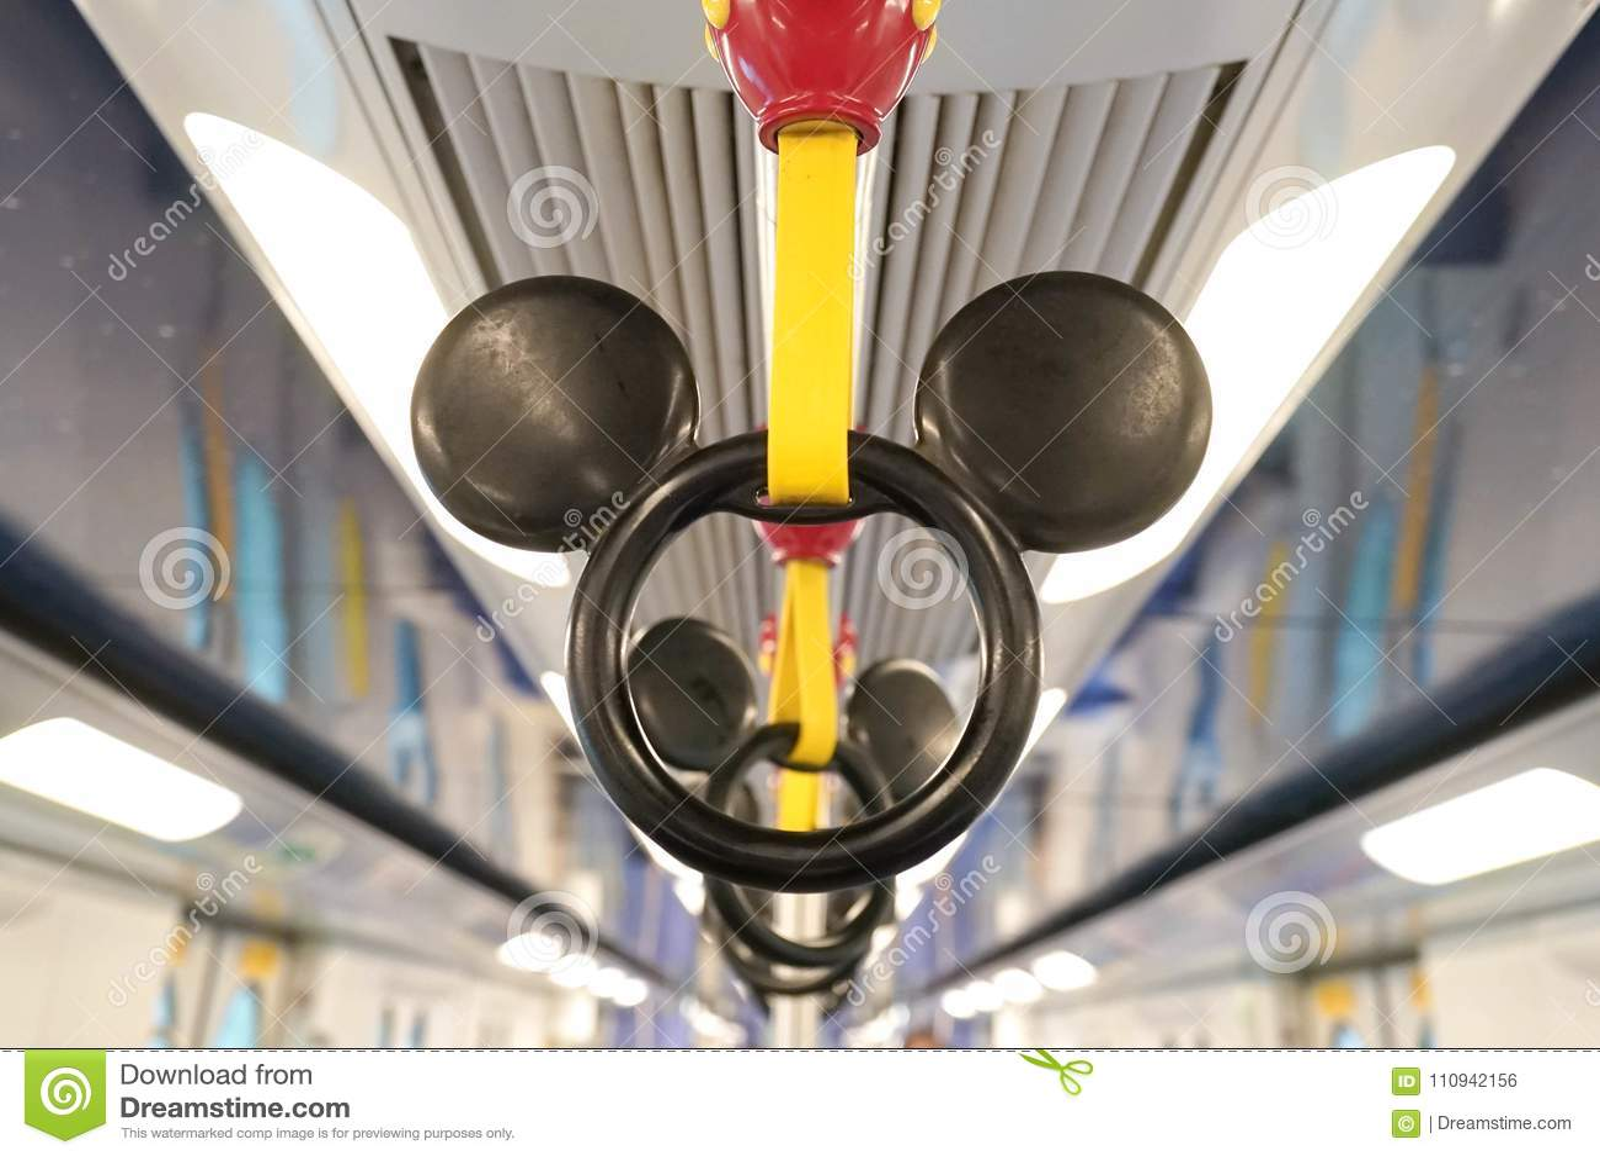 Manija de Mickey Mouse en el tema de MTR Disney en Hong Kong